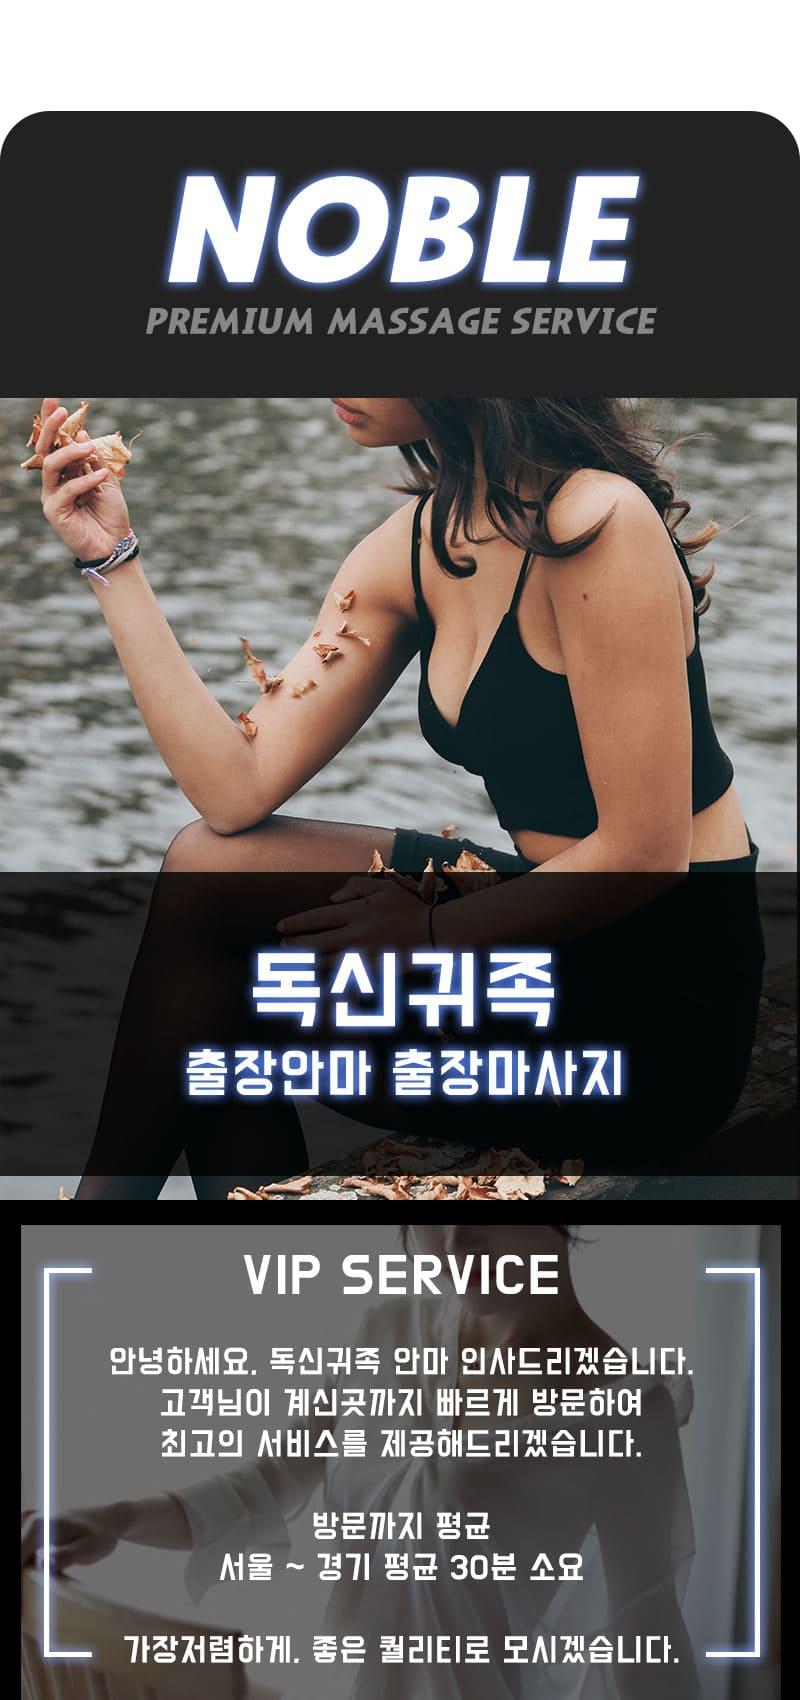 성북구출장안마 소개